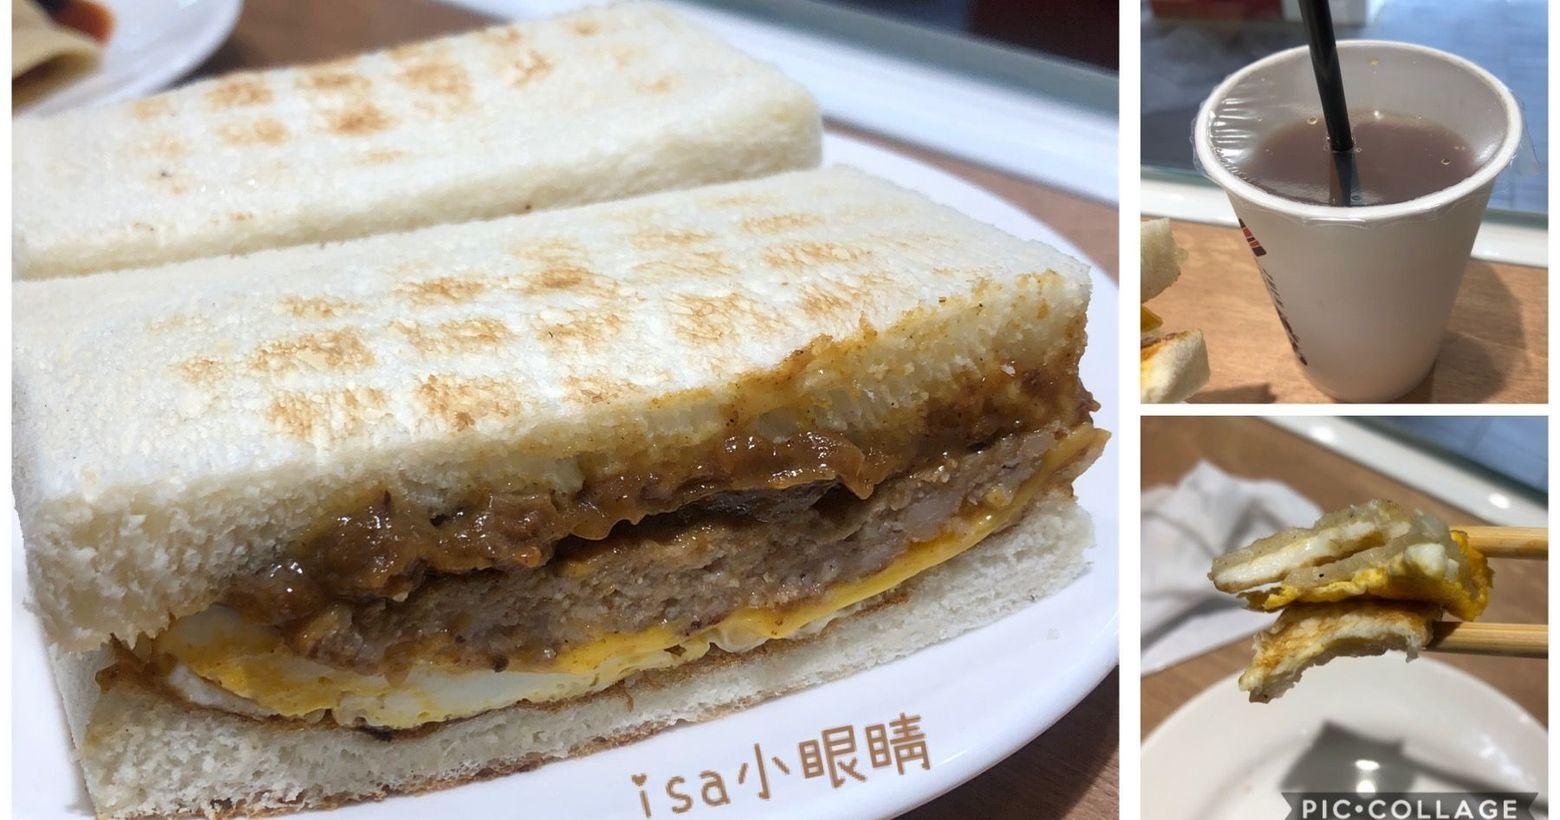 真芳炭烤三明治-長安店 [台北 中山區]最推薦的是辣肉蛋起司三明治,有辣又有起司感覺還不錯,熱熱吃的